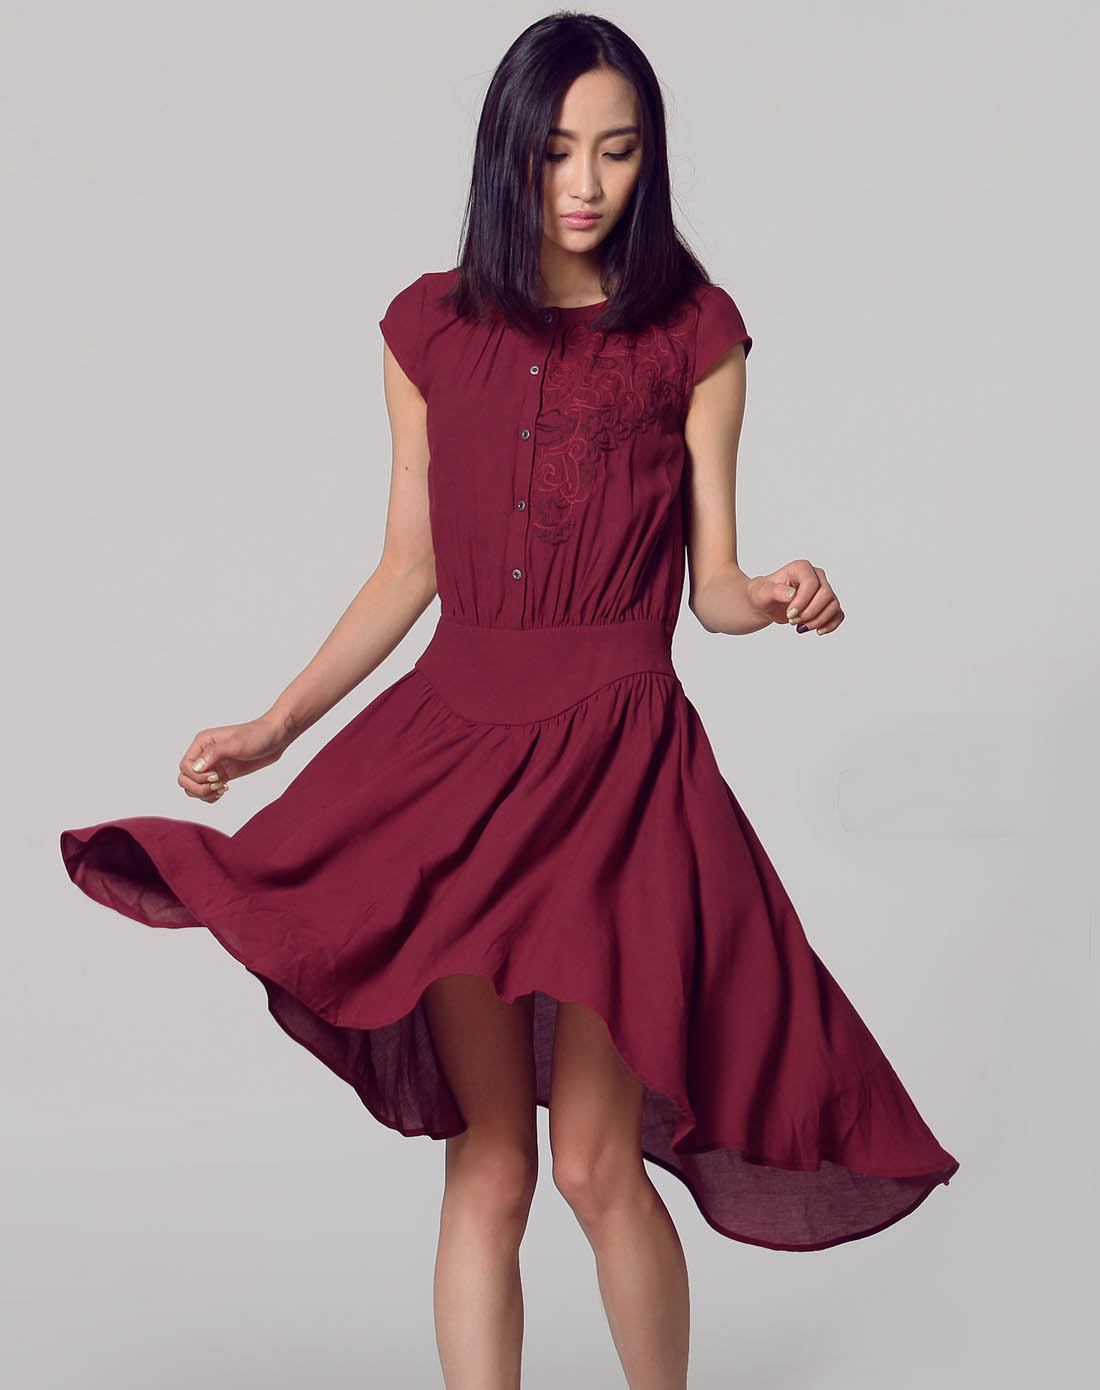 暗红色不规则绣花短袖连衣裙